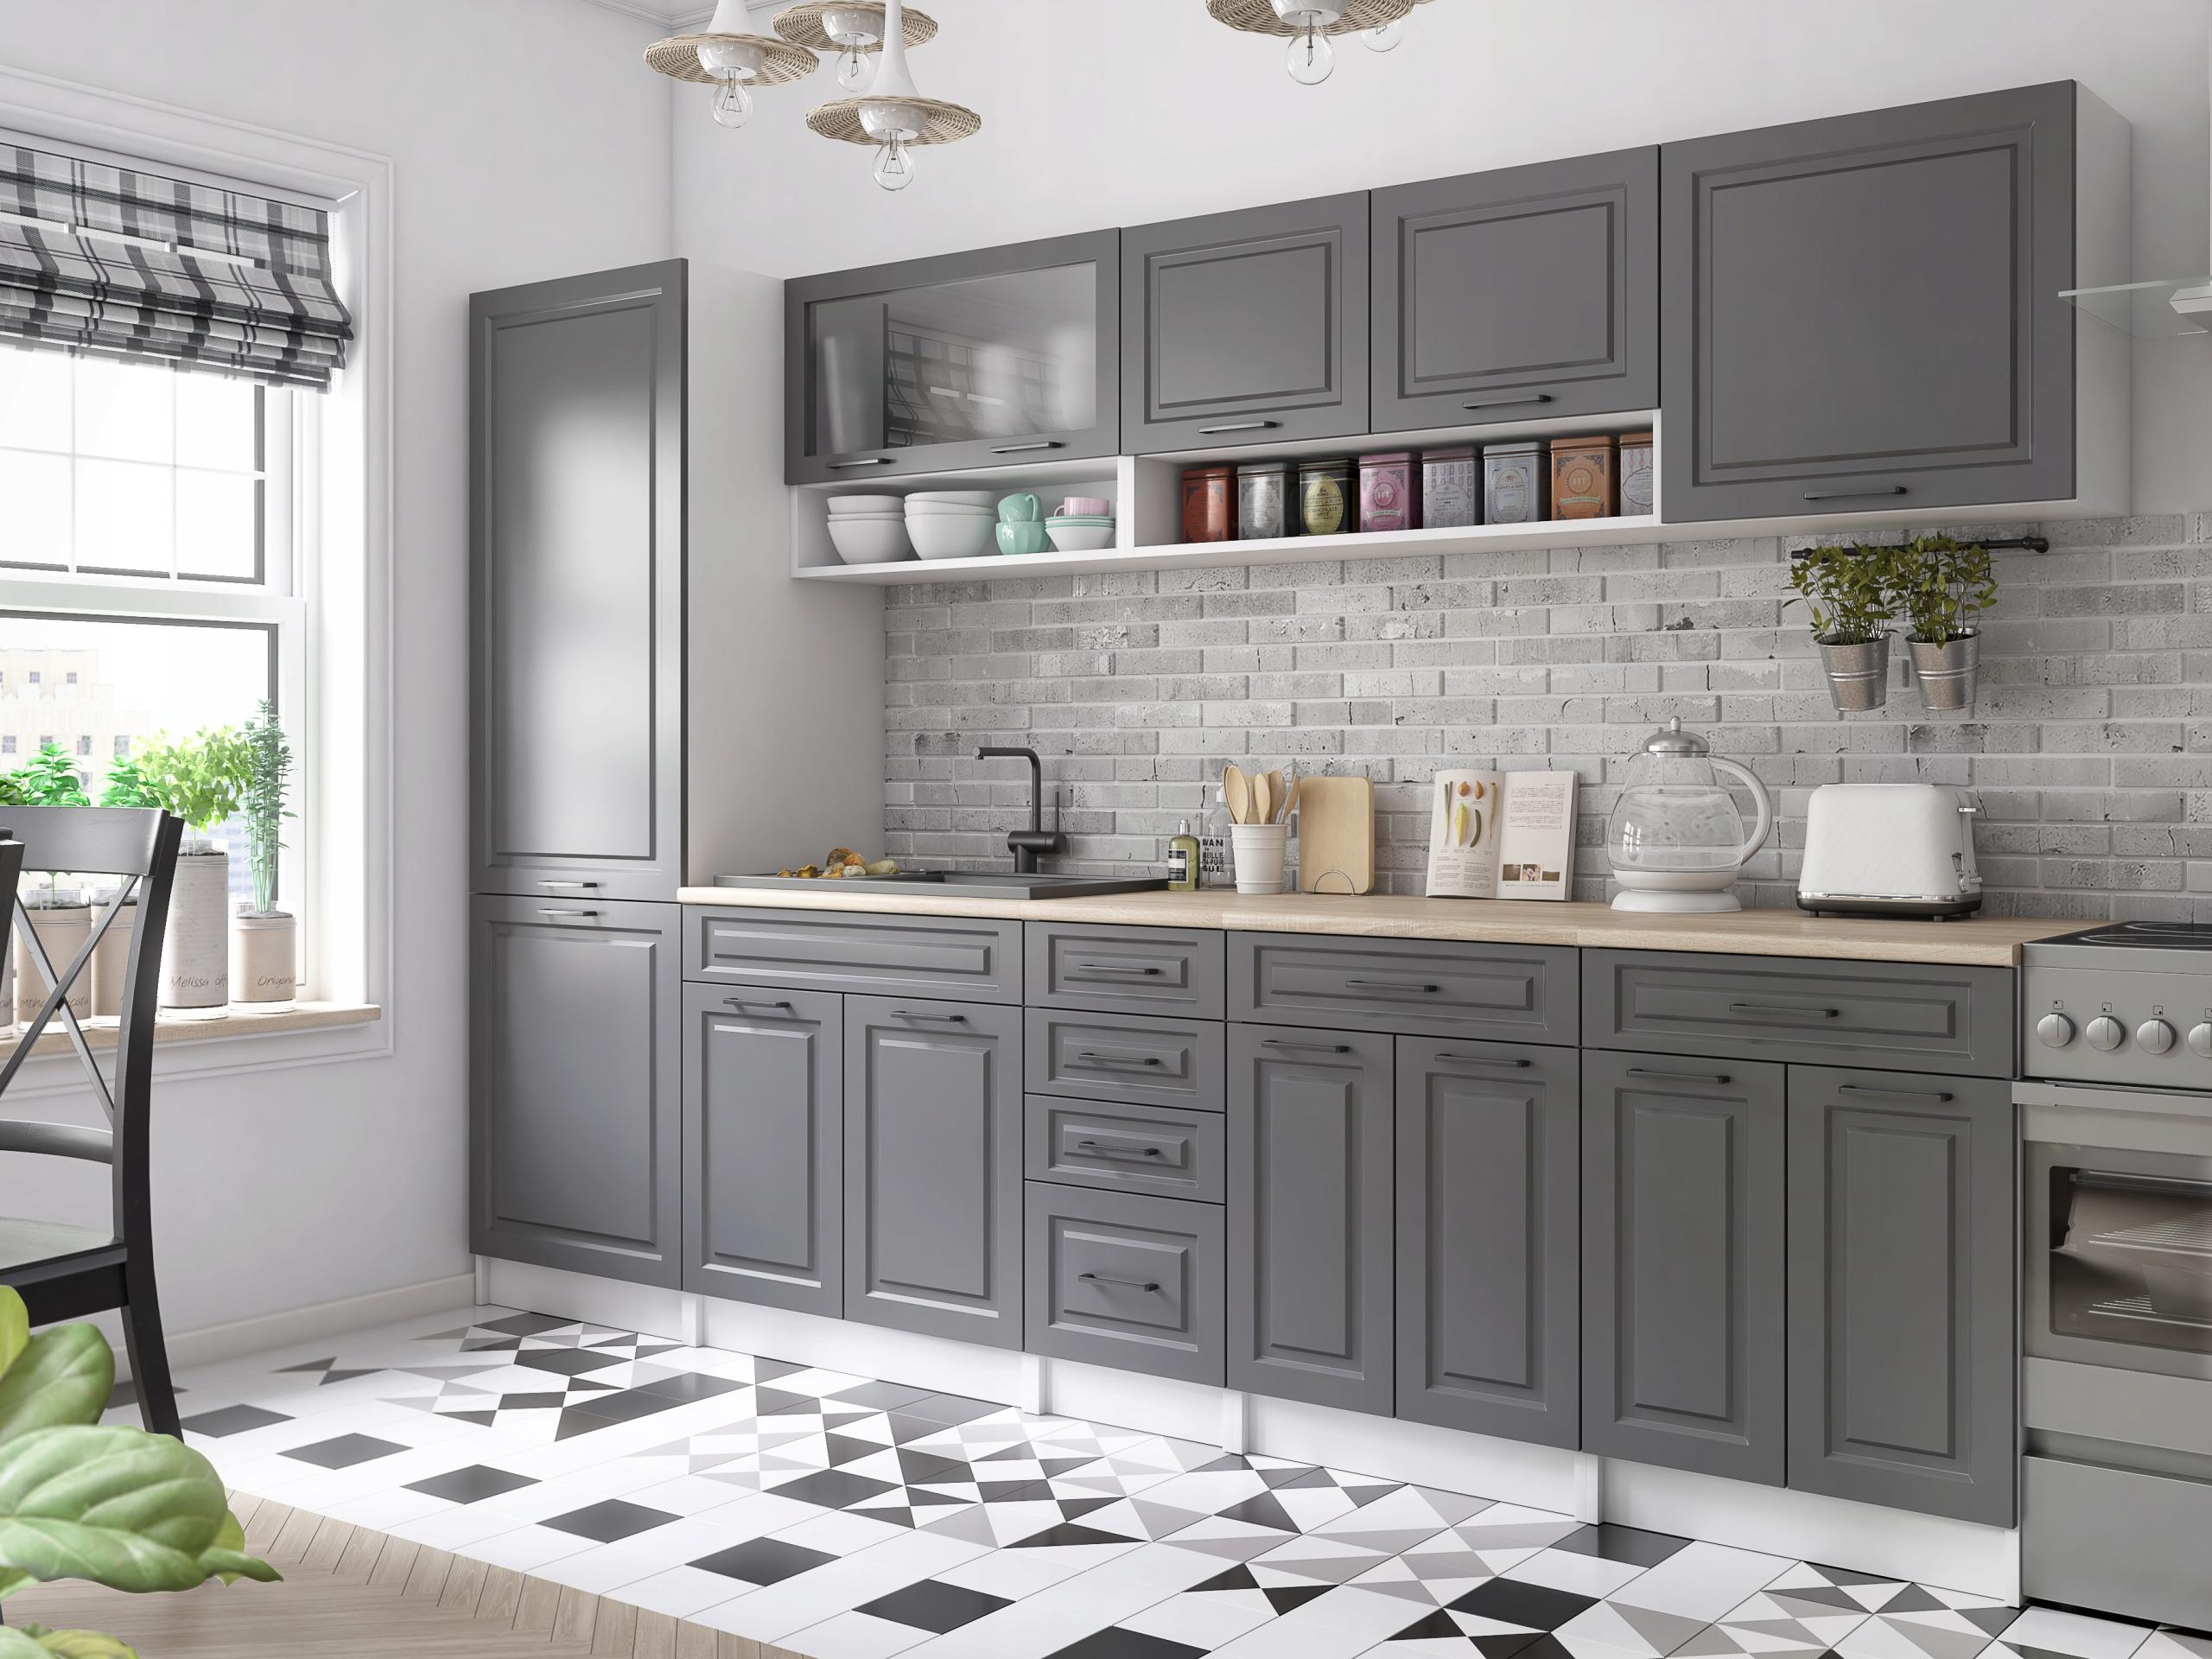 Kuchnia BIRGID meble kuchenne szafki 3,0 m 300 cm